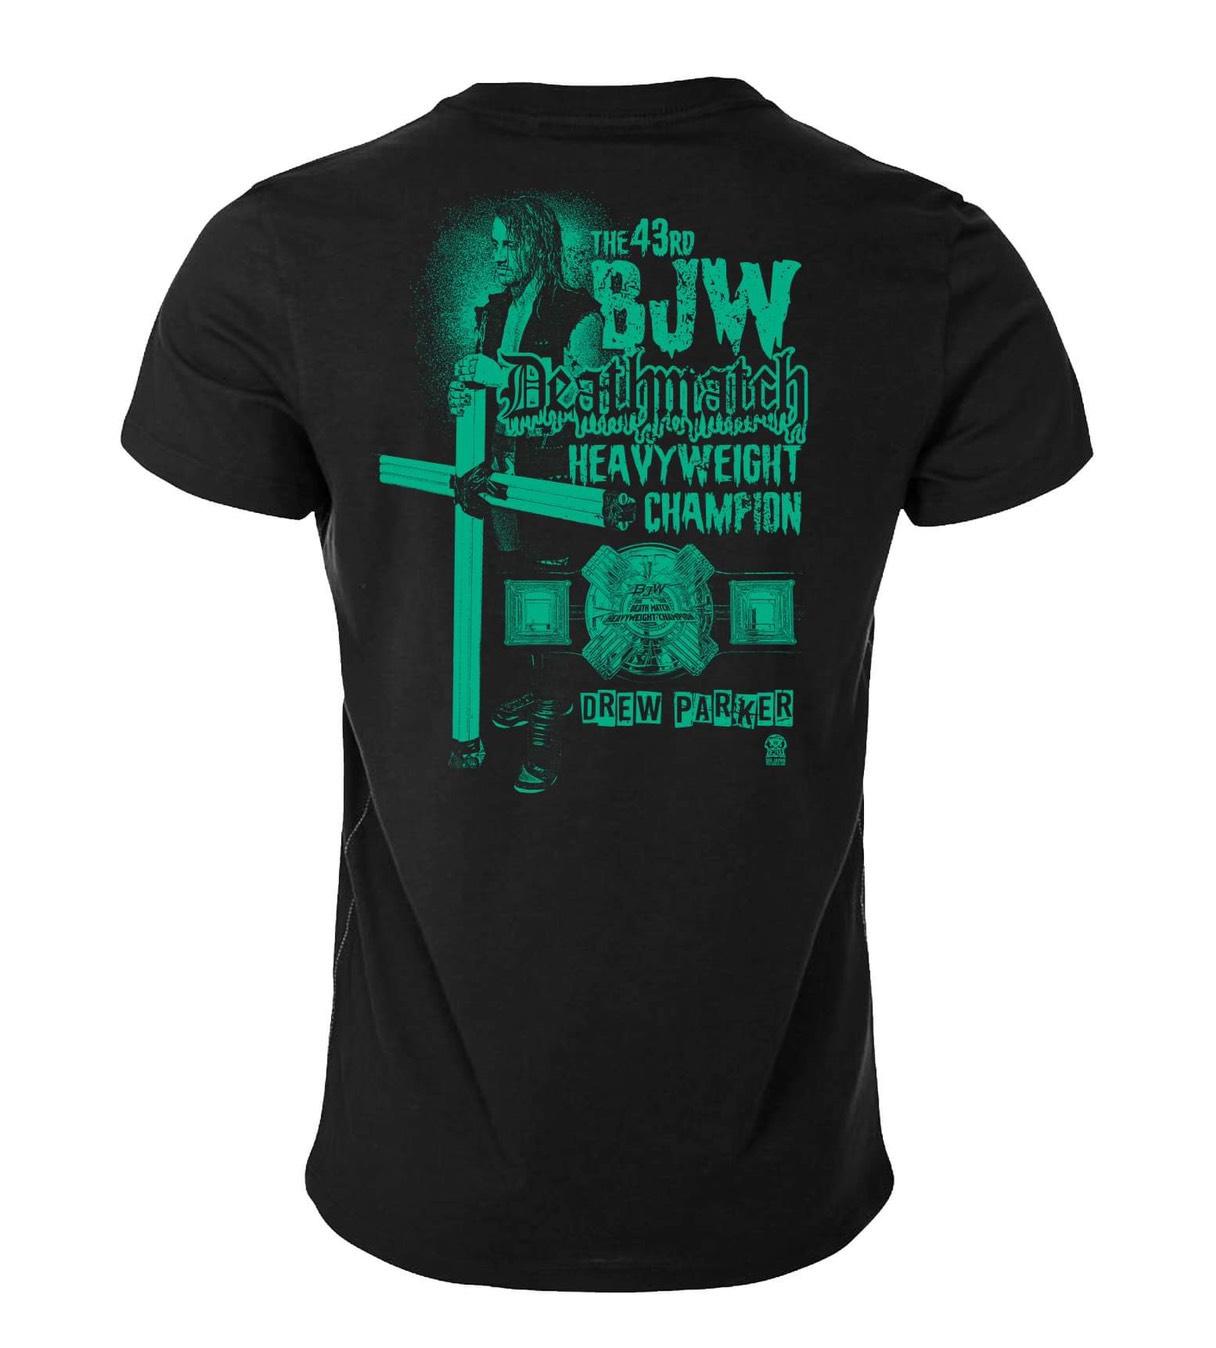 ドリュー・パーカー BJW認定デスマッチヘビー級初戴冠記念Tシャツ